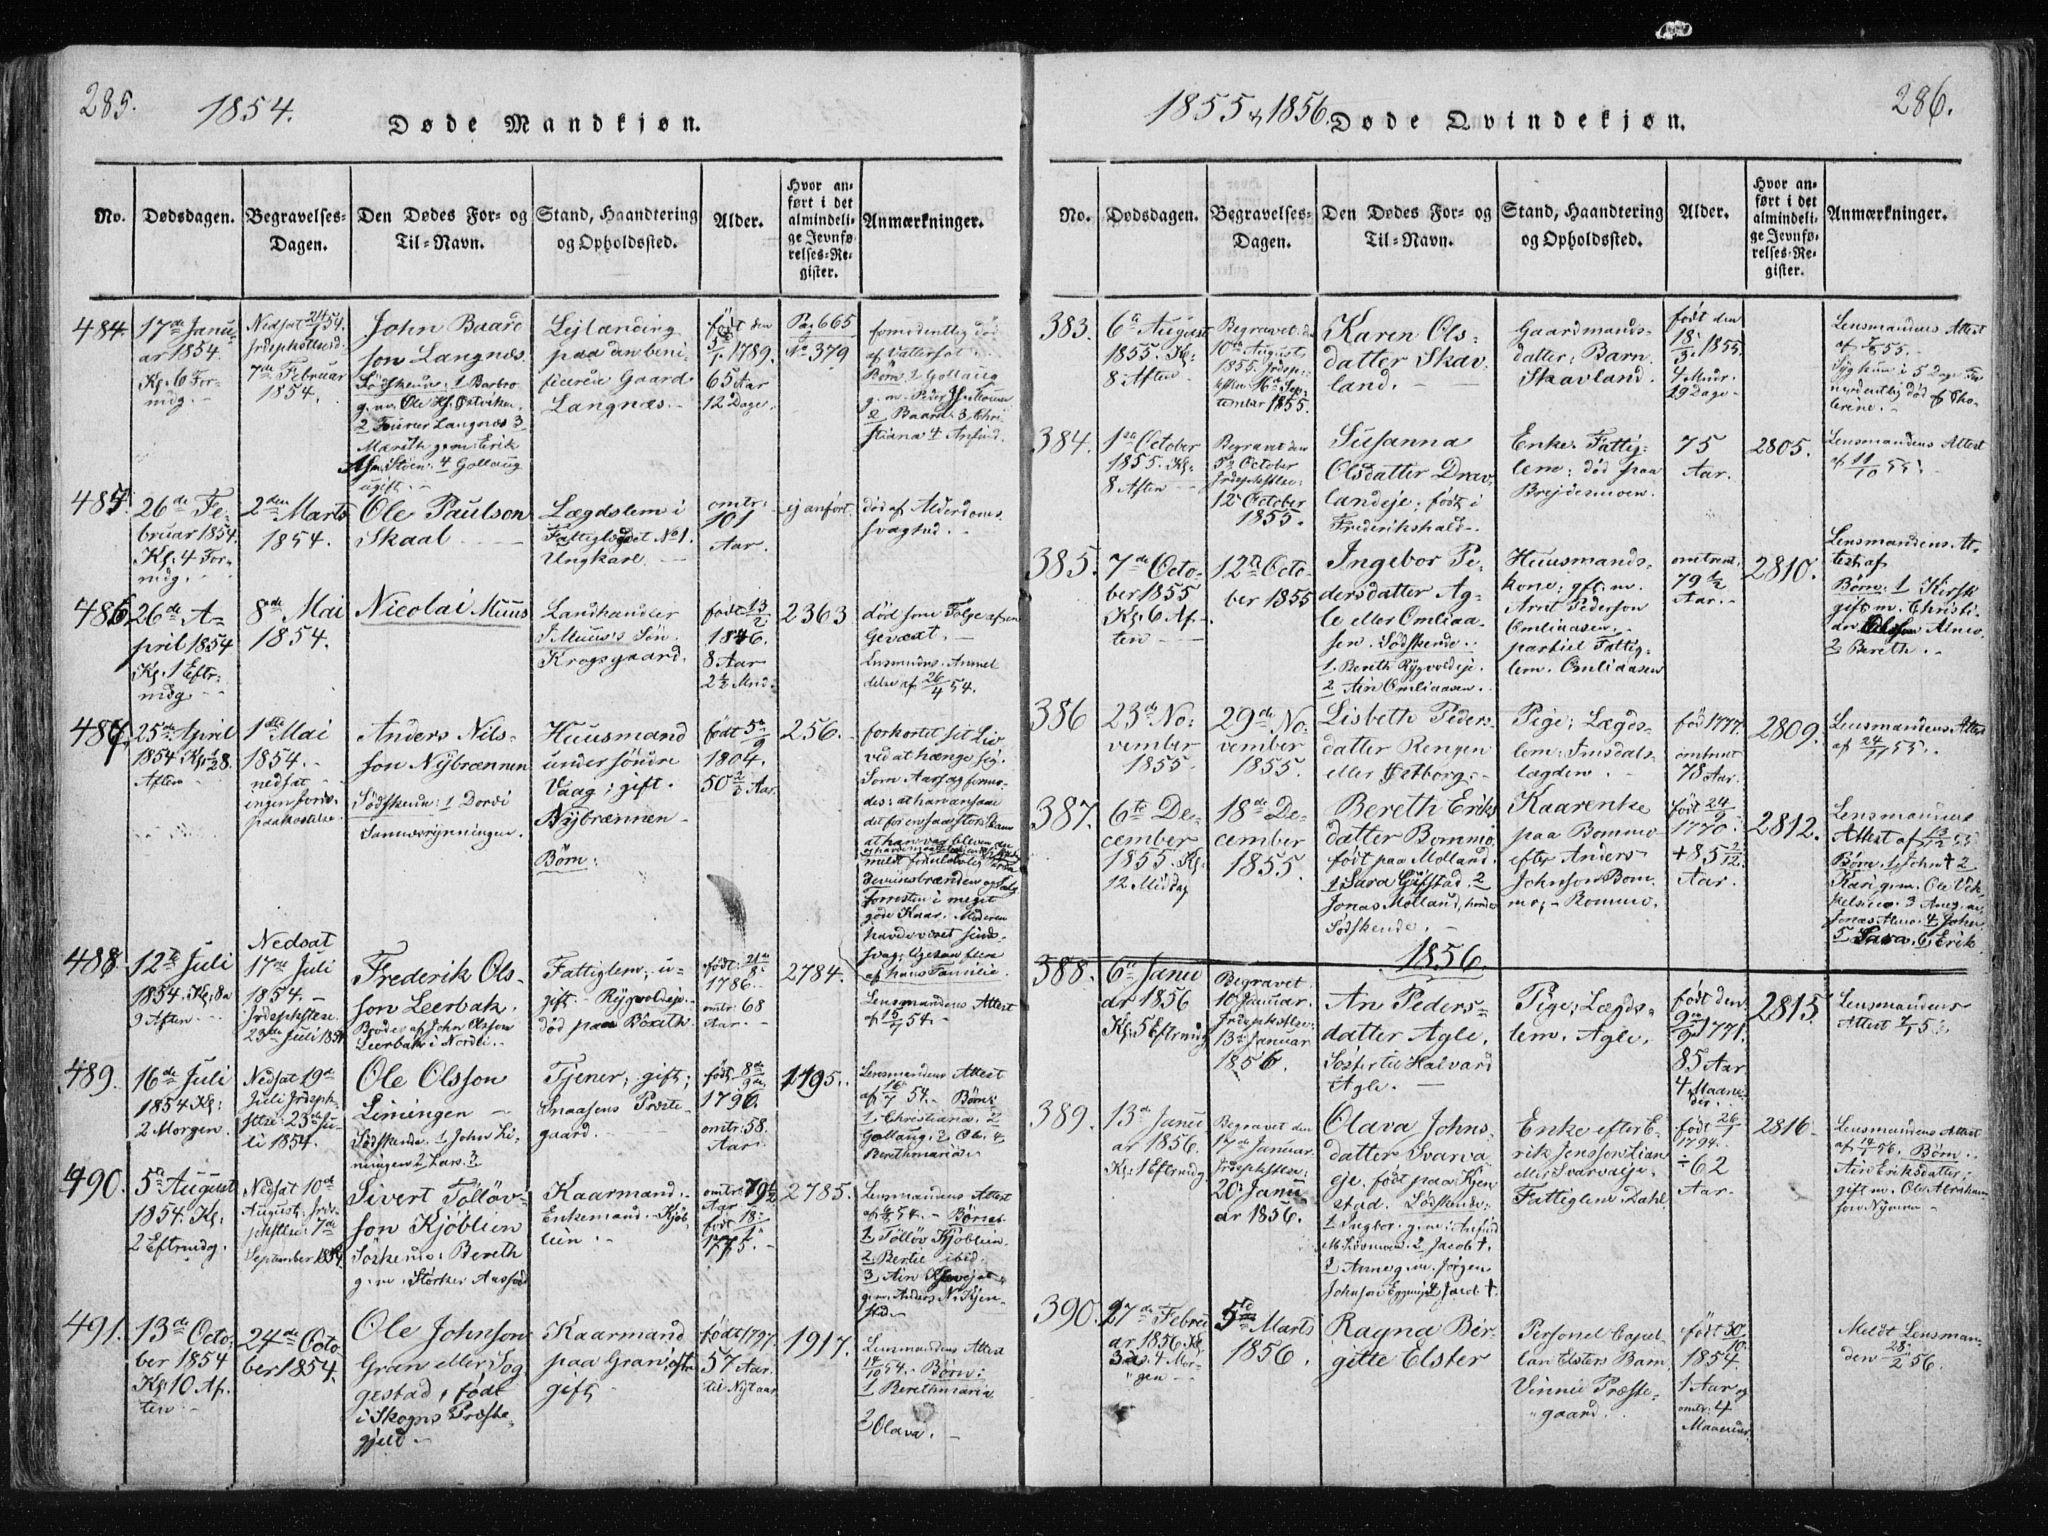 SAT, Ministerialprotokoller, klokkerbøker og fødselsregistre - Nord-Trøndelag, 749/L0469: Ministerialbok nr. 749A03, 1817-1857, s. 285-286